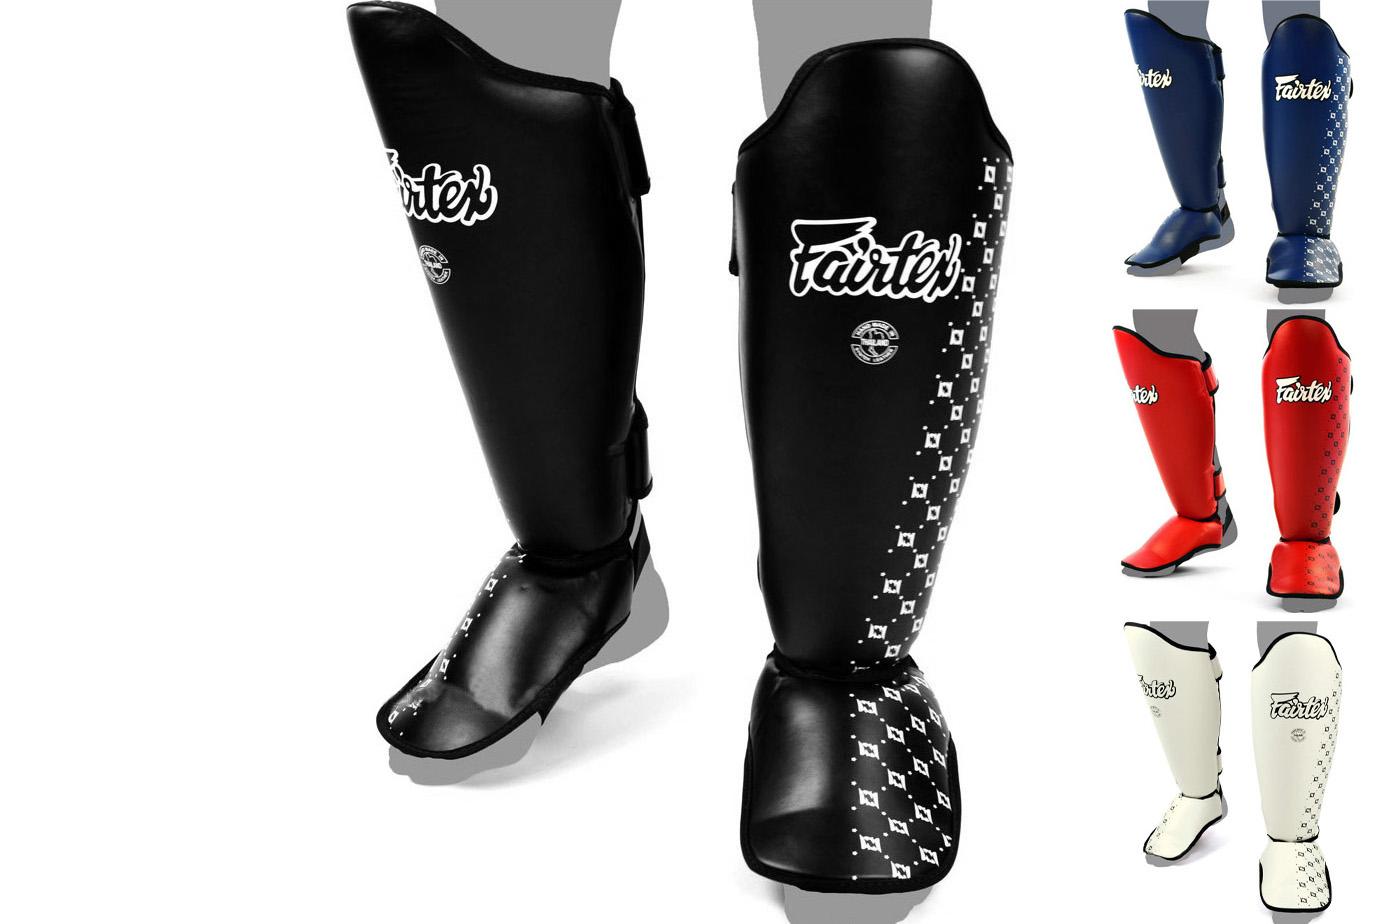 Protèges tibias et pieds SP5, Fairtex